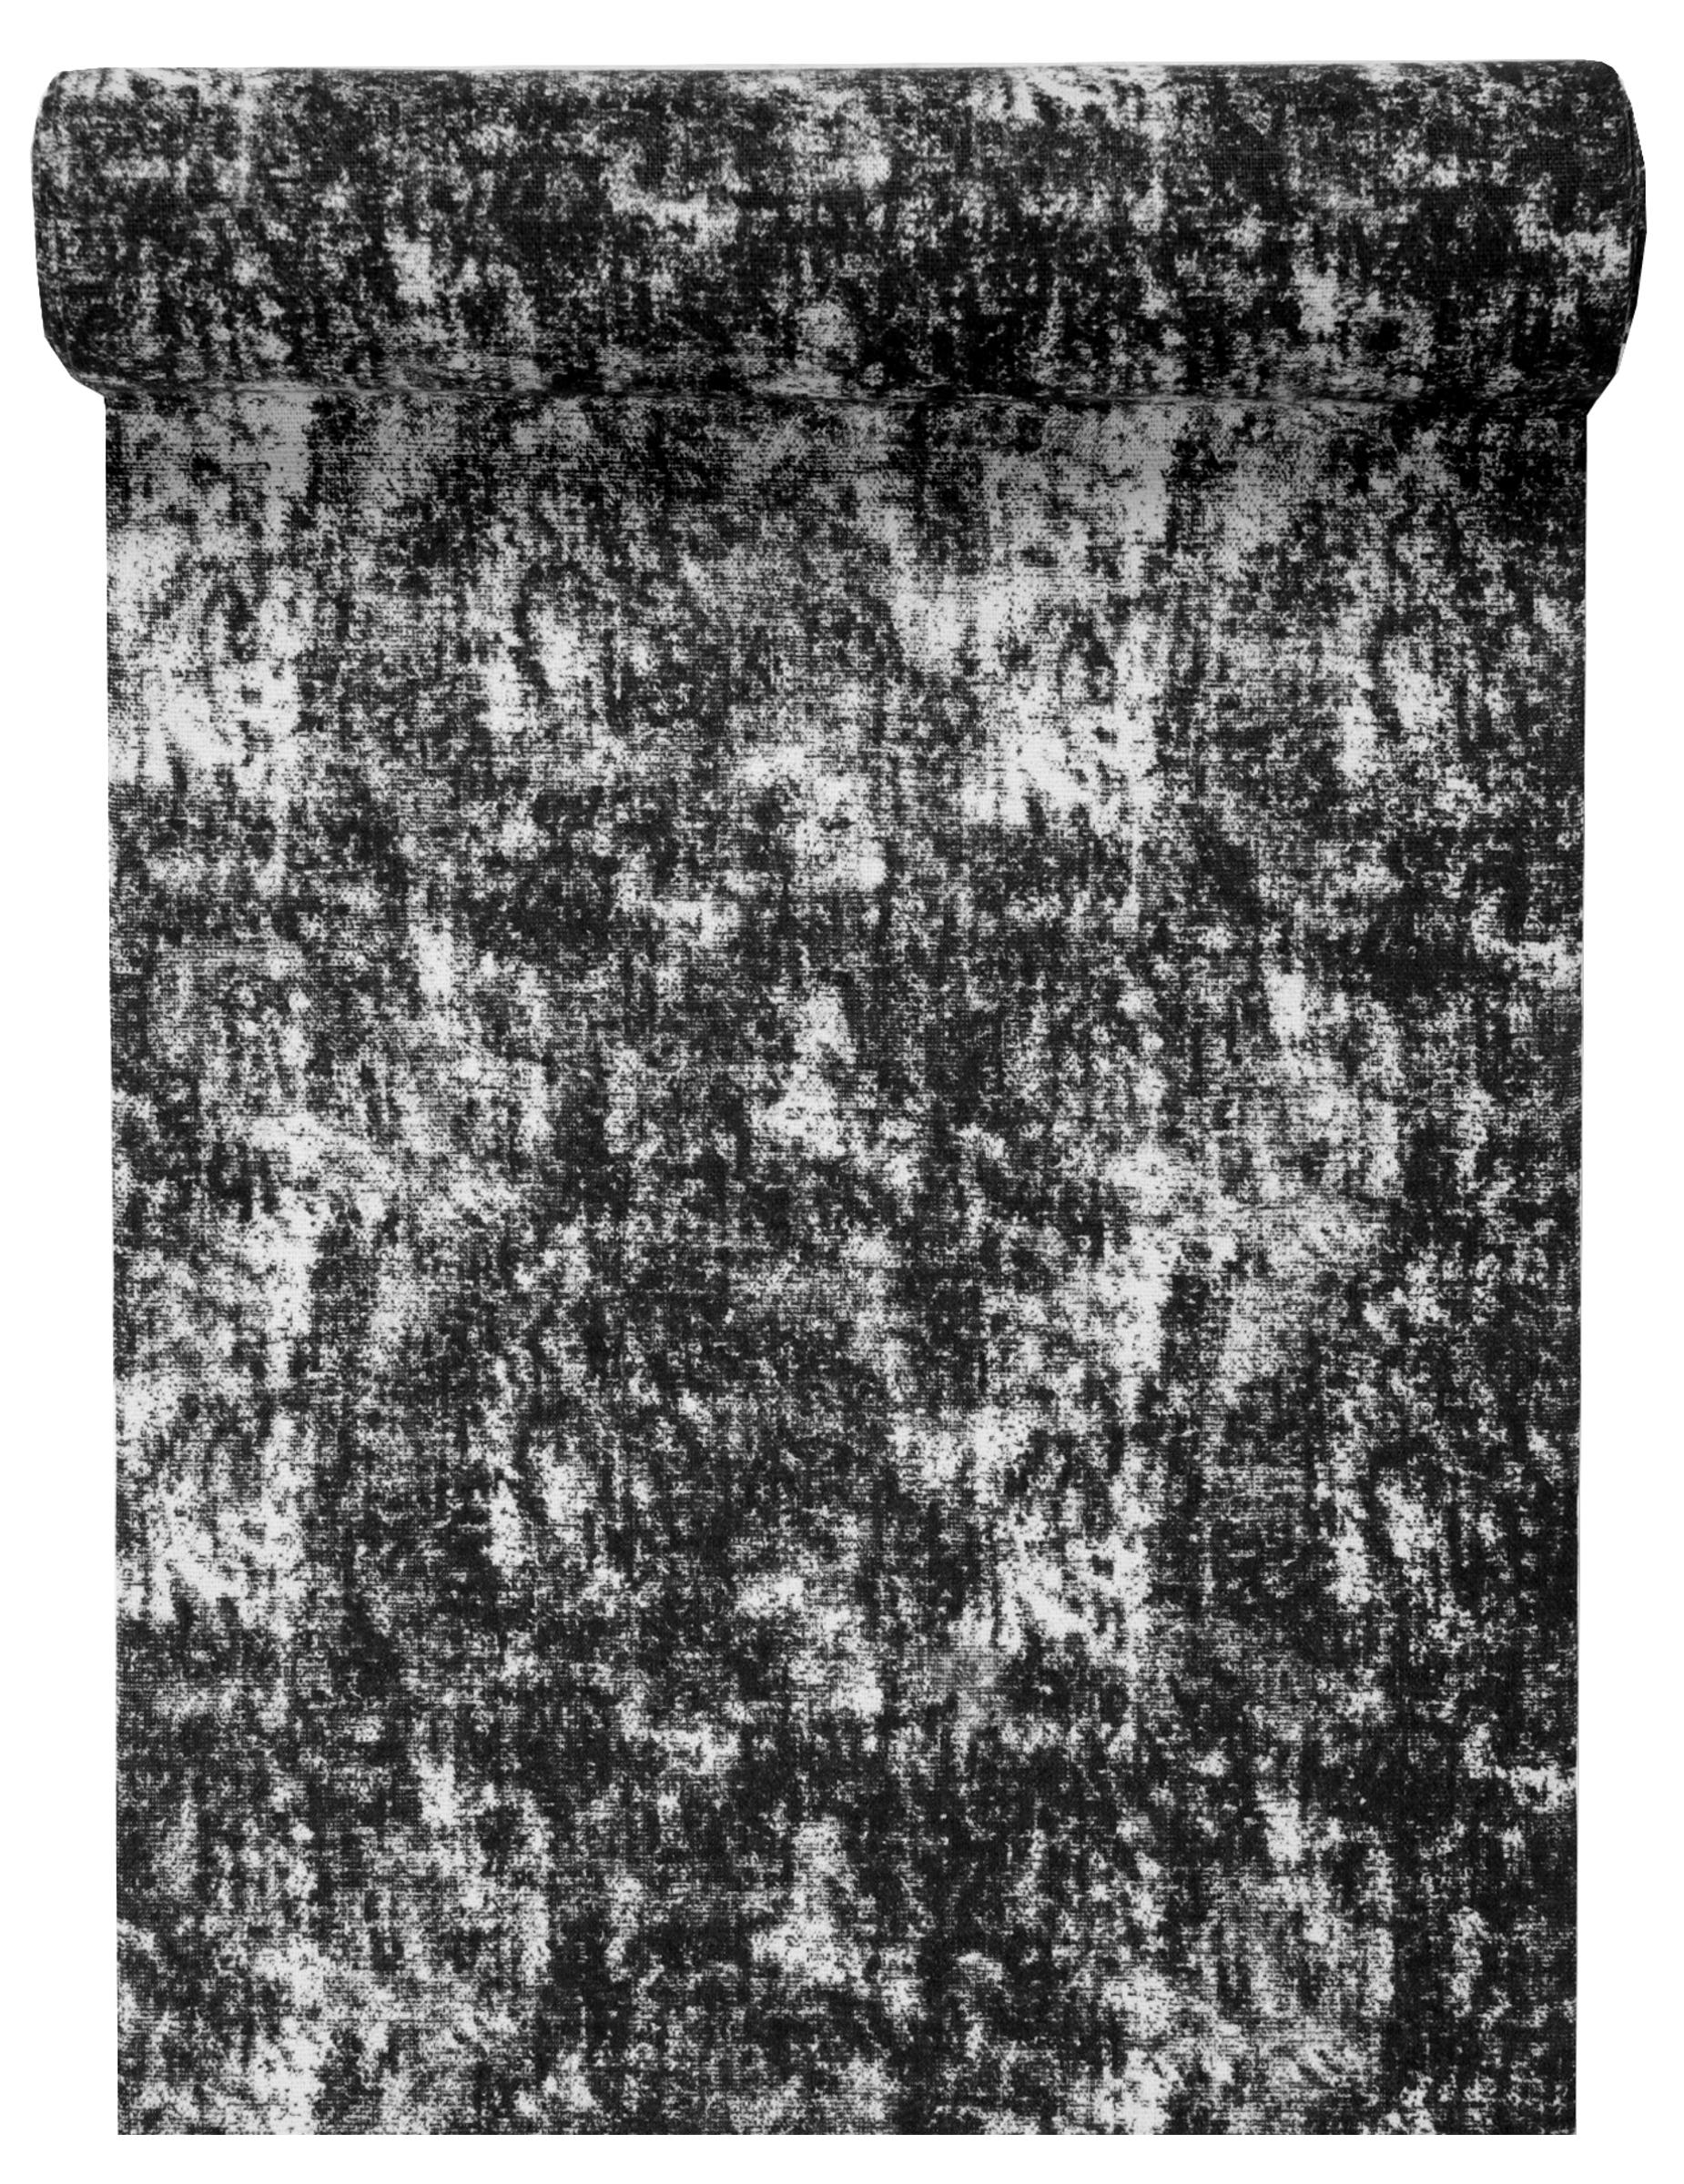 Chemin de table en coton g o noir et blanc 28 cm x 5 m d coration anniversaire et f tes th me - Chemin de table noir et blanc ...